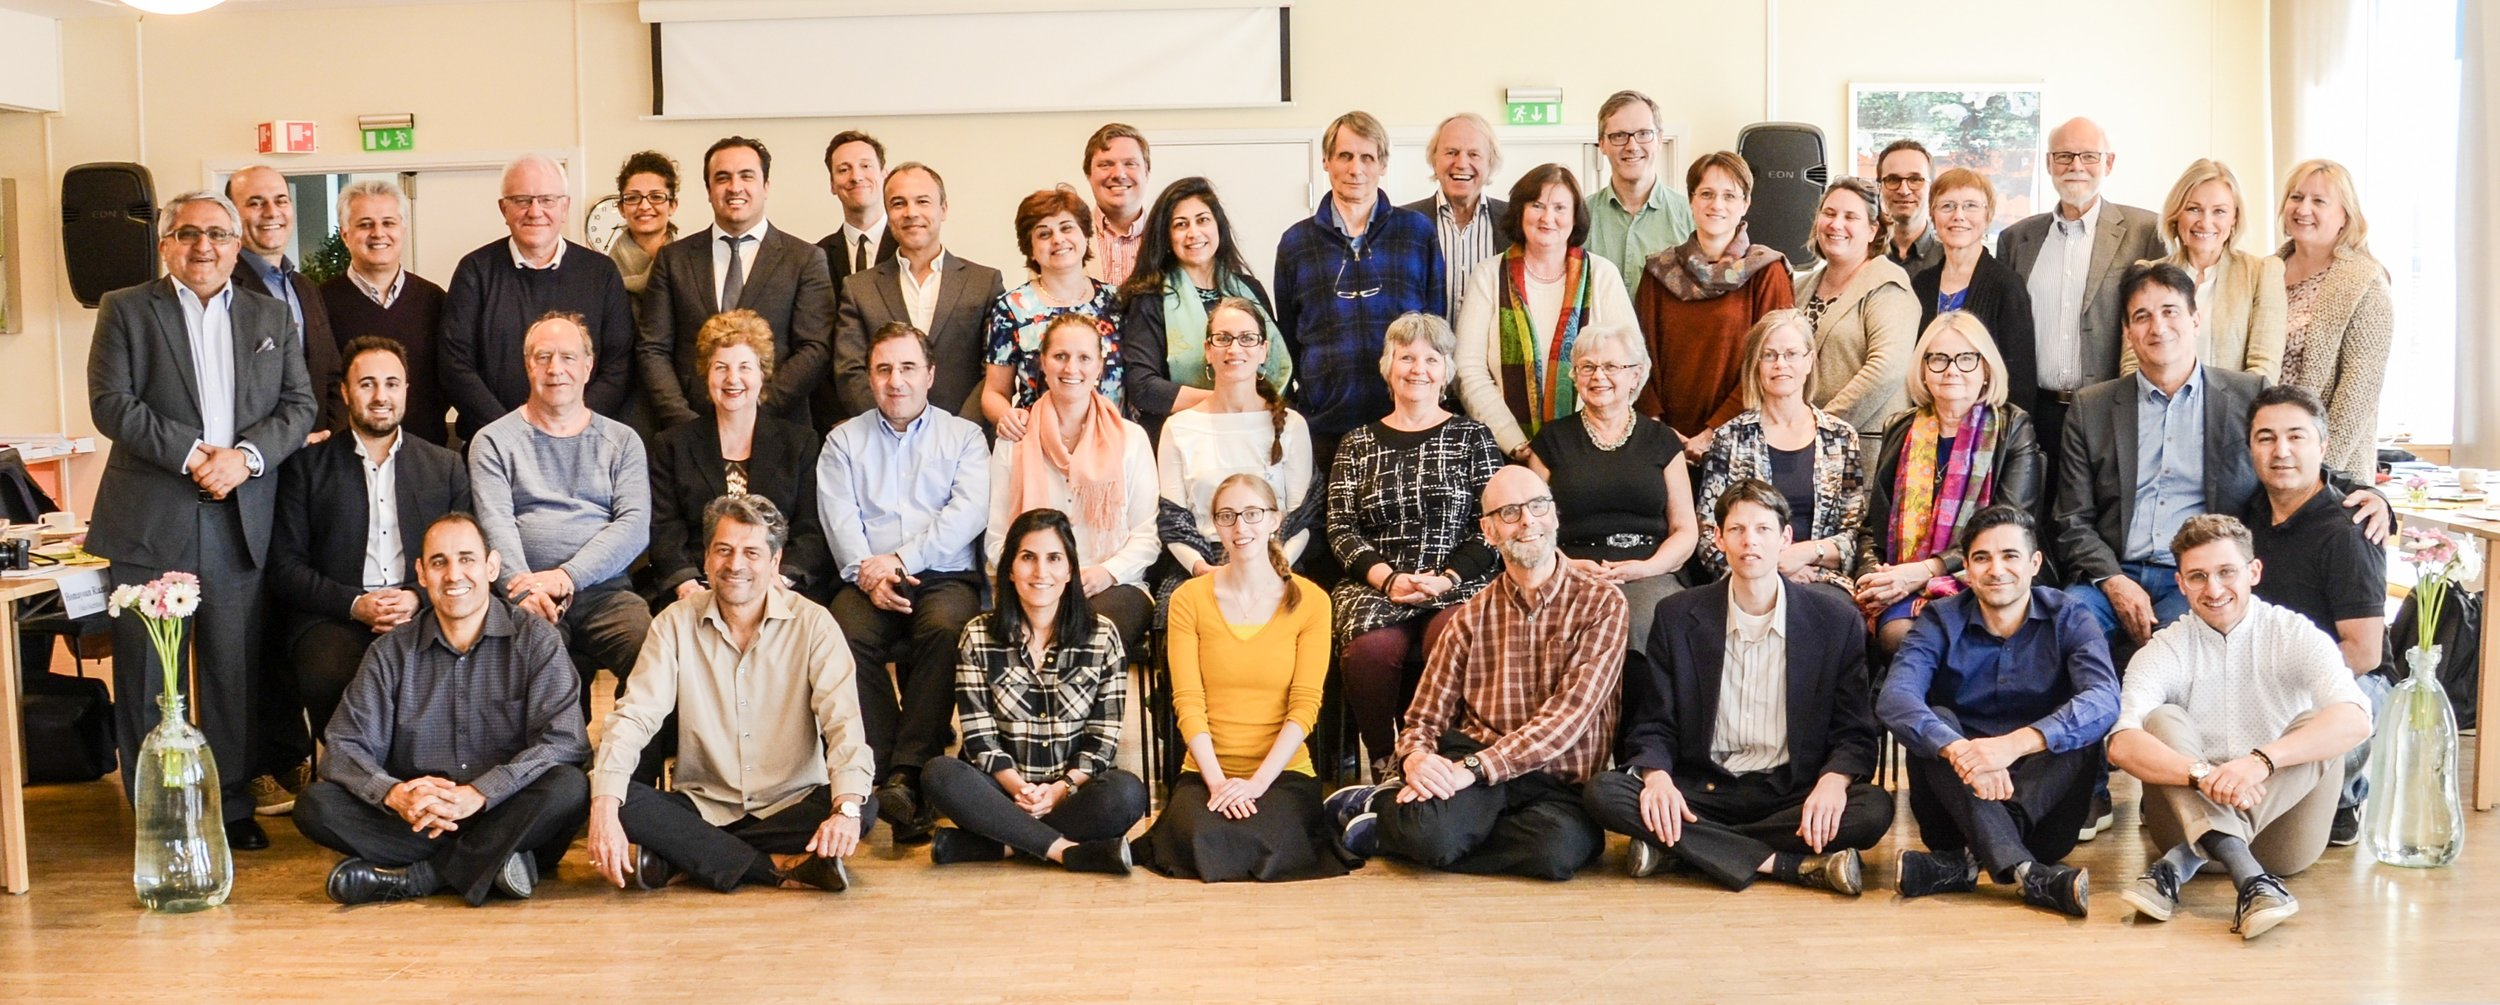 ÅRSMØTE-DELTAGERE: 35 av de 38 delegatene til årsmøtet, medlemmer av Nasjonalt Åndelig Råd, europeisk rådgiver Sabà Mazza (nr. 6 stående f.v.) og hjelperådsmedlemmene Kitt Sandvik, (nr. 2 stående f.h.) Kehler Moghen (nr. 5 stående f.v.) og Shoja Fallah (nr. 3 stående f.v.).